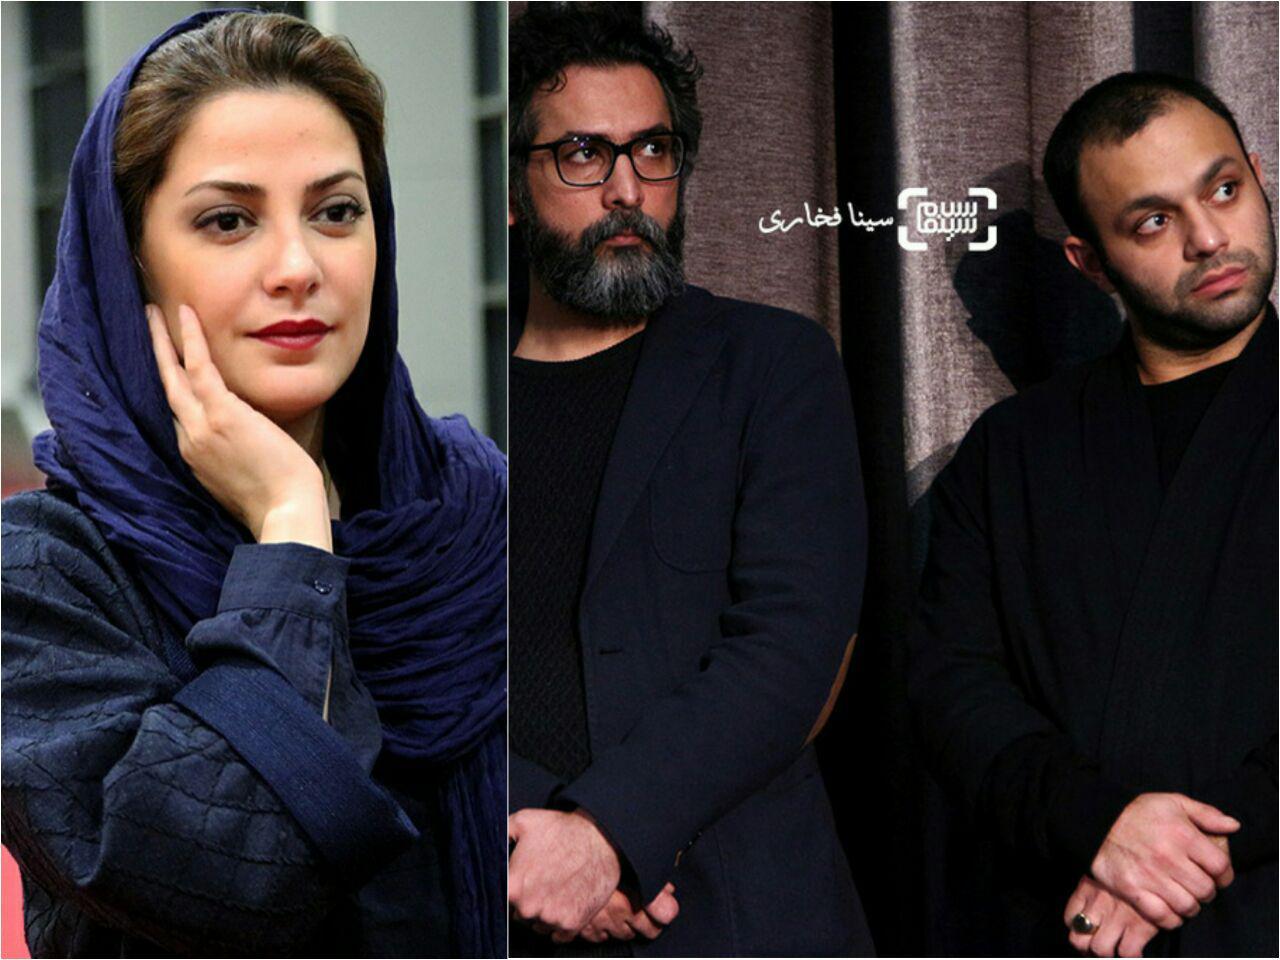 اکران فیلم «ویلایی ها» و تقدیر از عوامل آن توسط بنیاد سینمایی فارابی/ گزارش تصویری